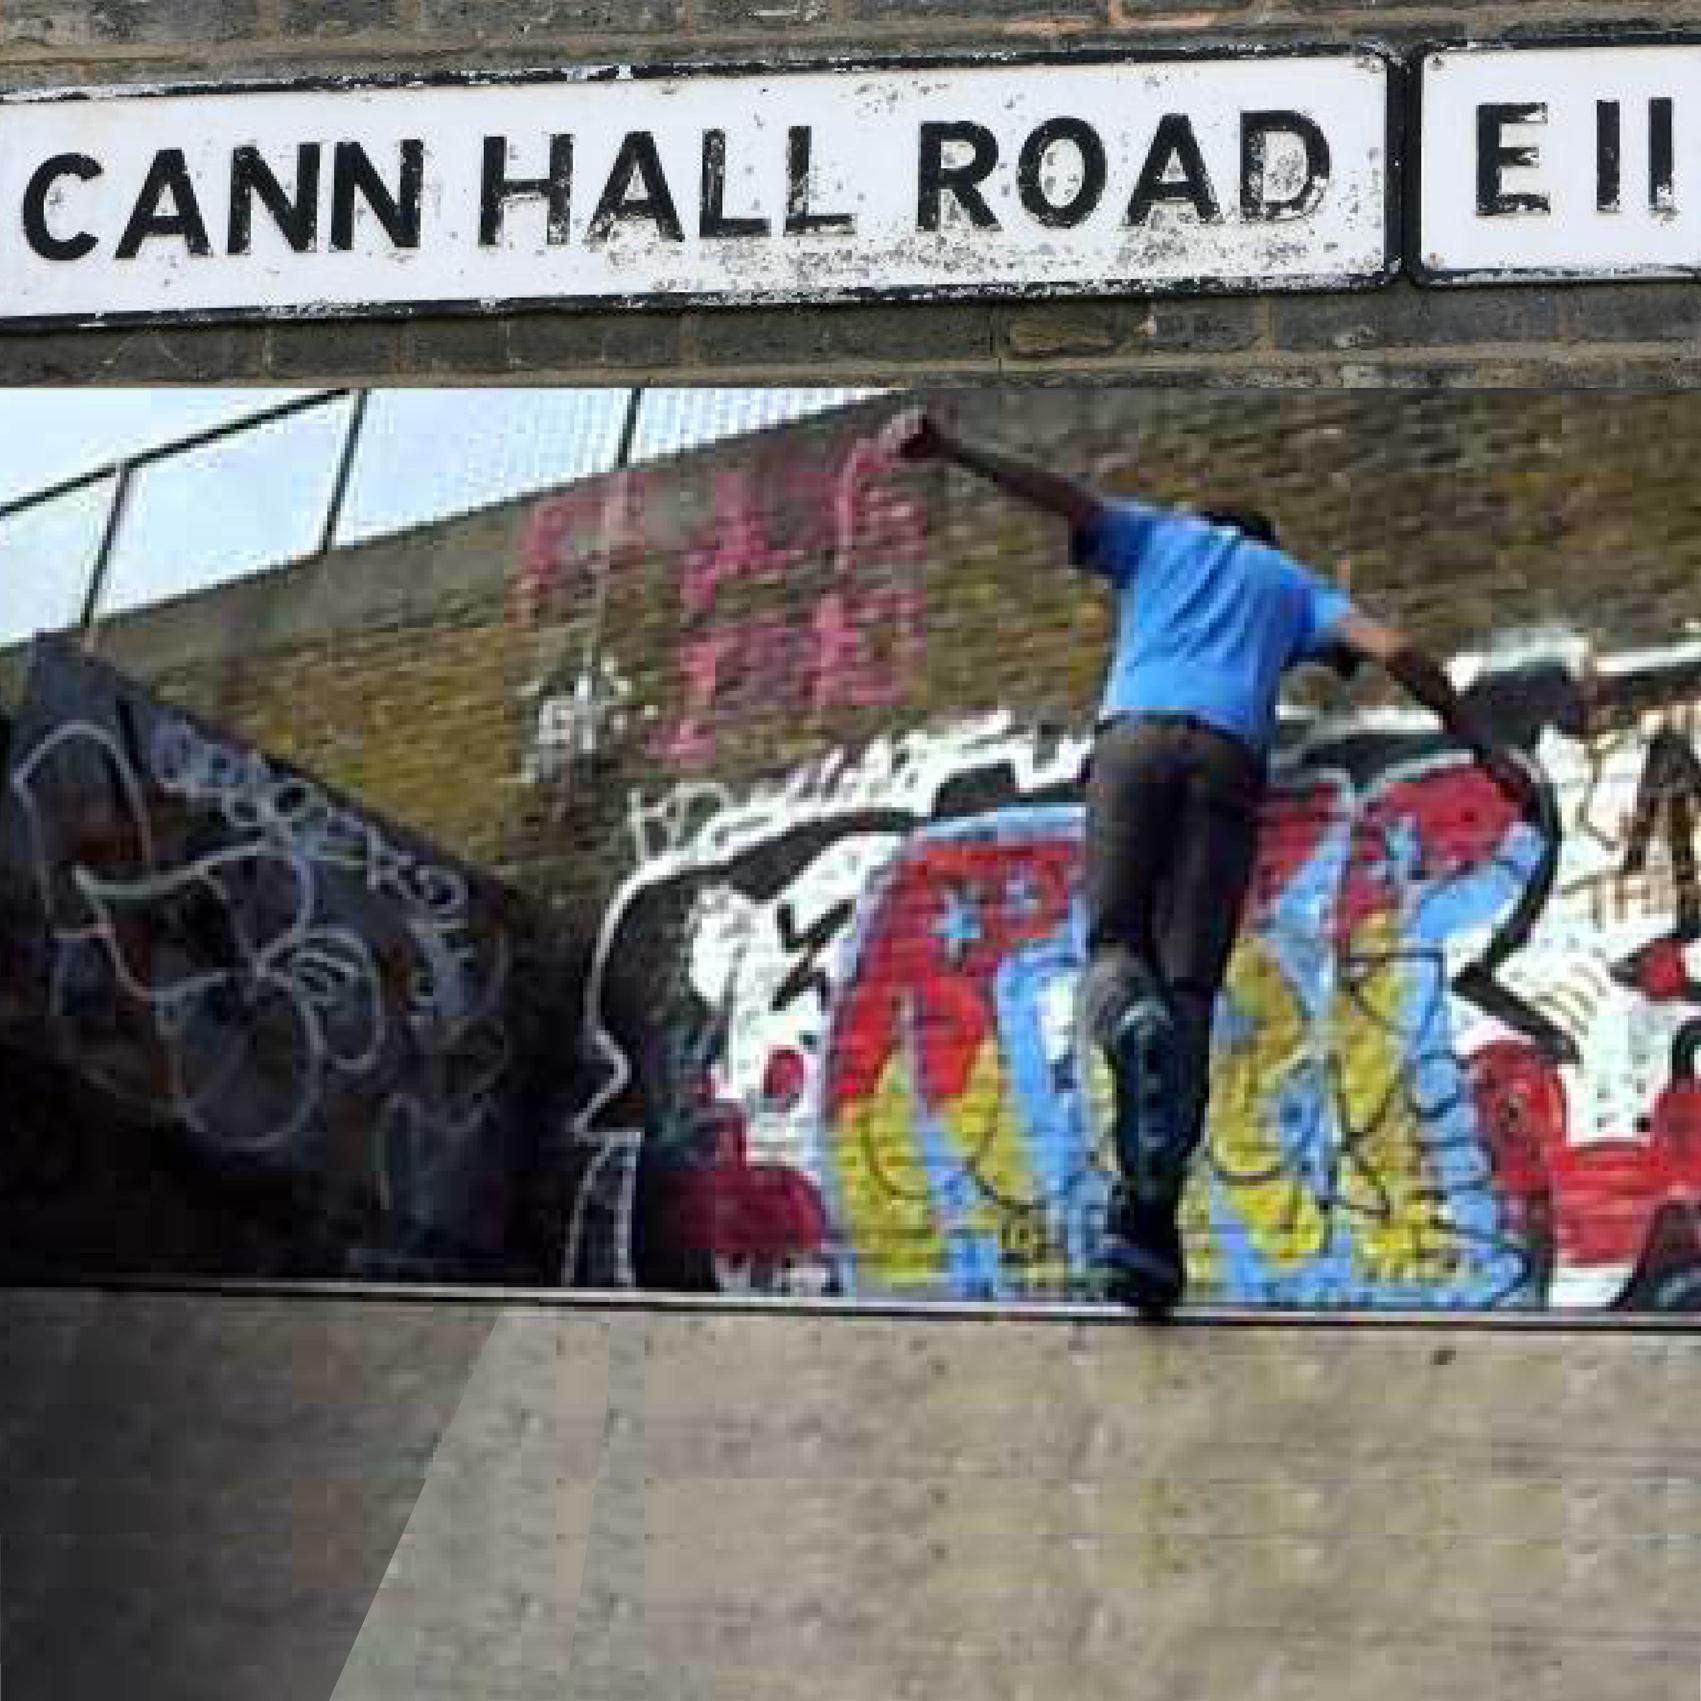 CANN HALL, E11